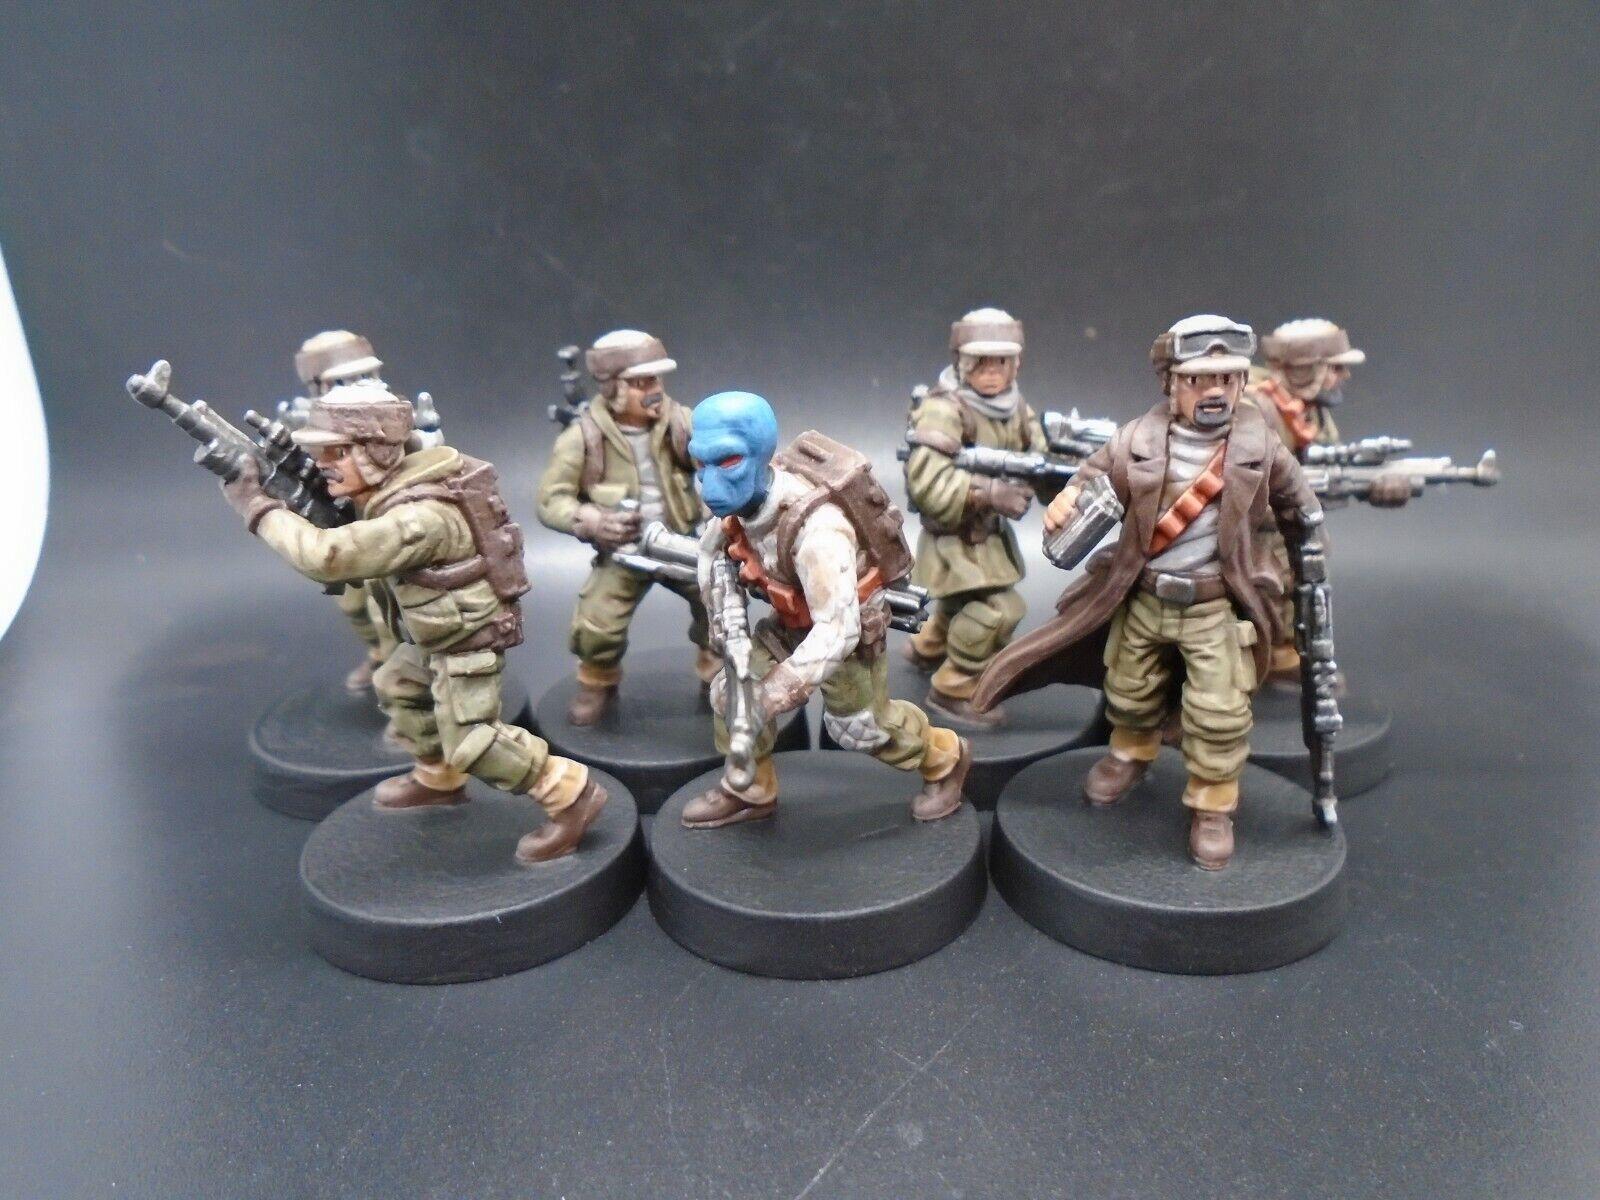 solo para ti Estrella Wars Rebel Trooper unidad de expansión de la Legión Legión Legión Pintado  hasta 42% de descuento